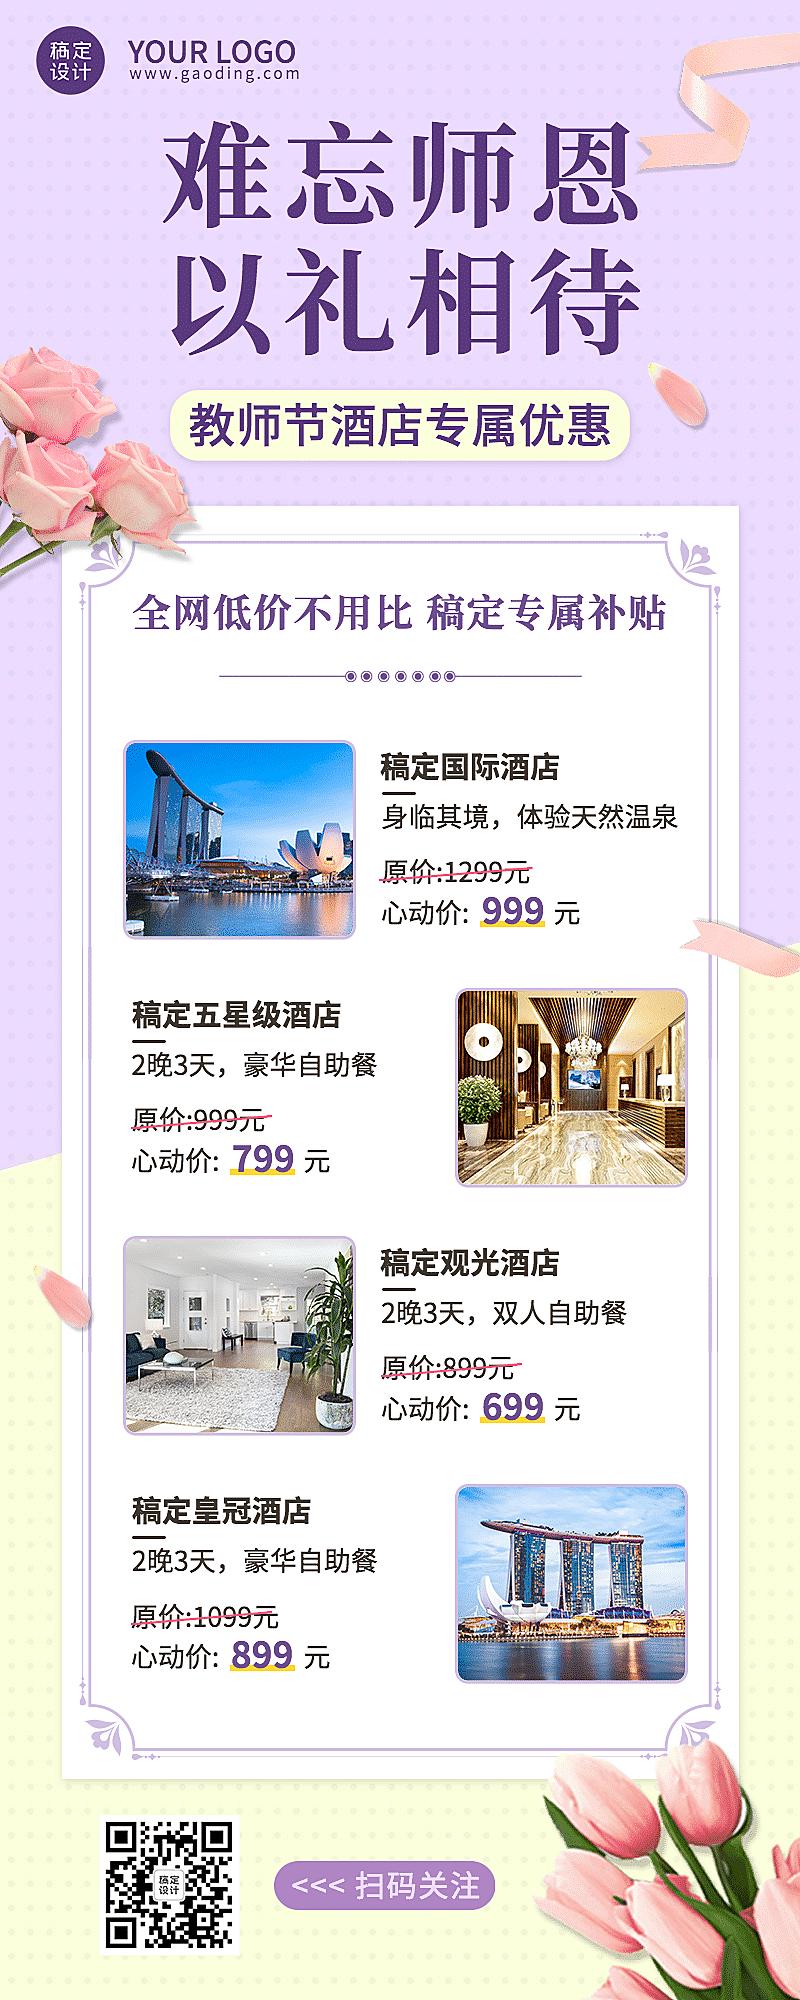 旅游教师节酒店营销优惠长图海报